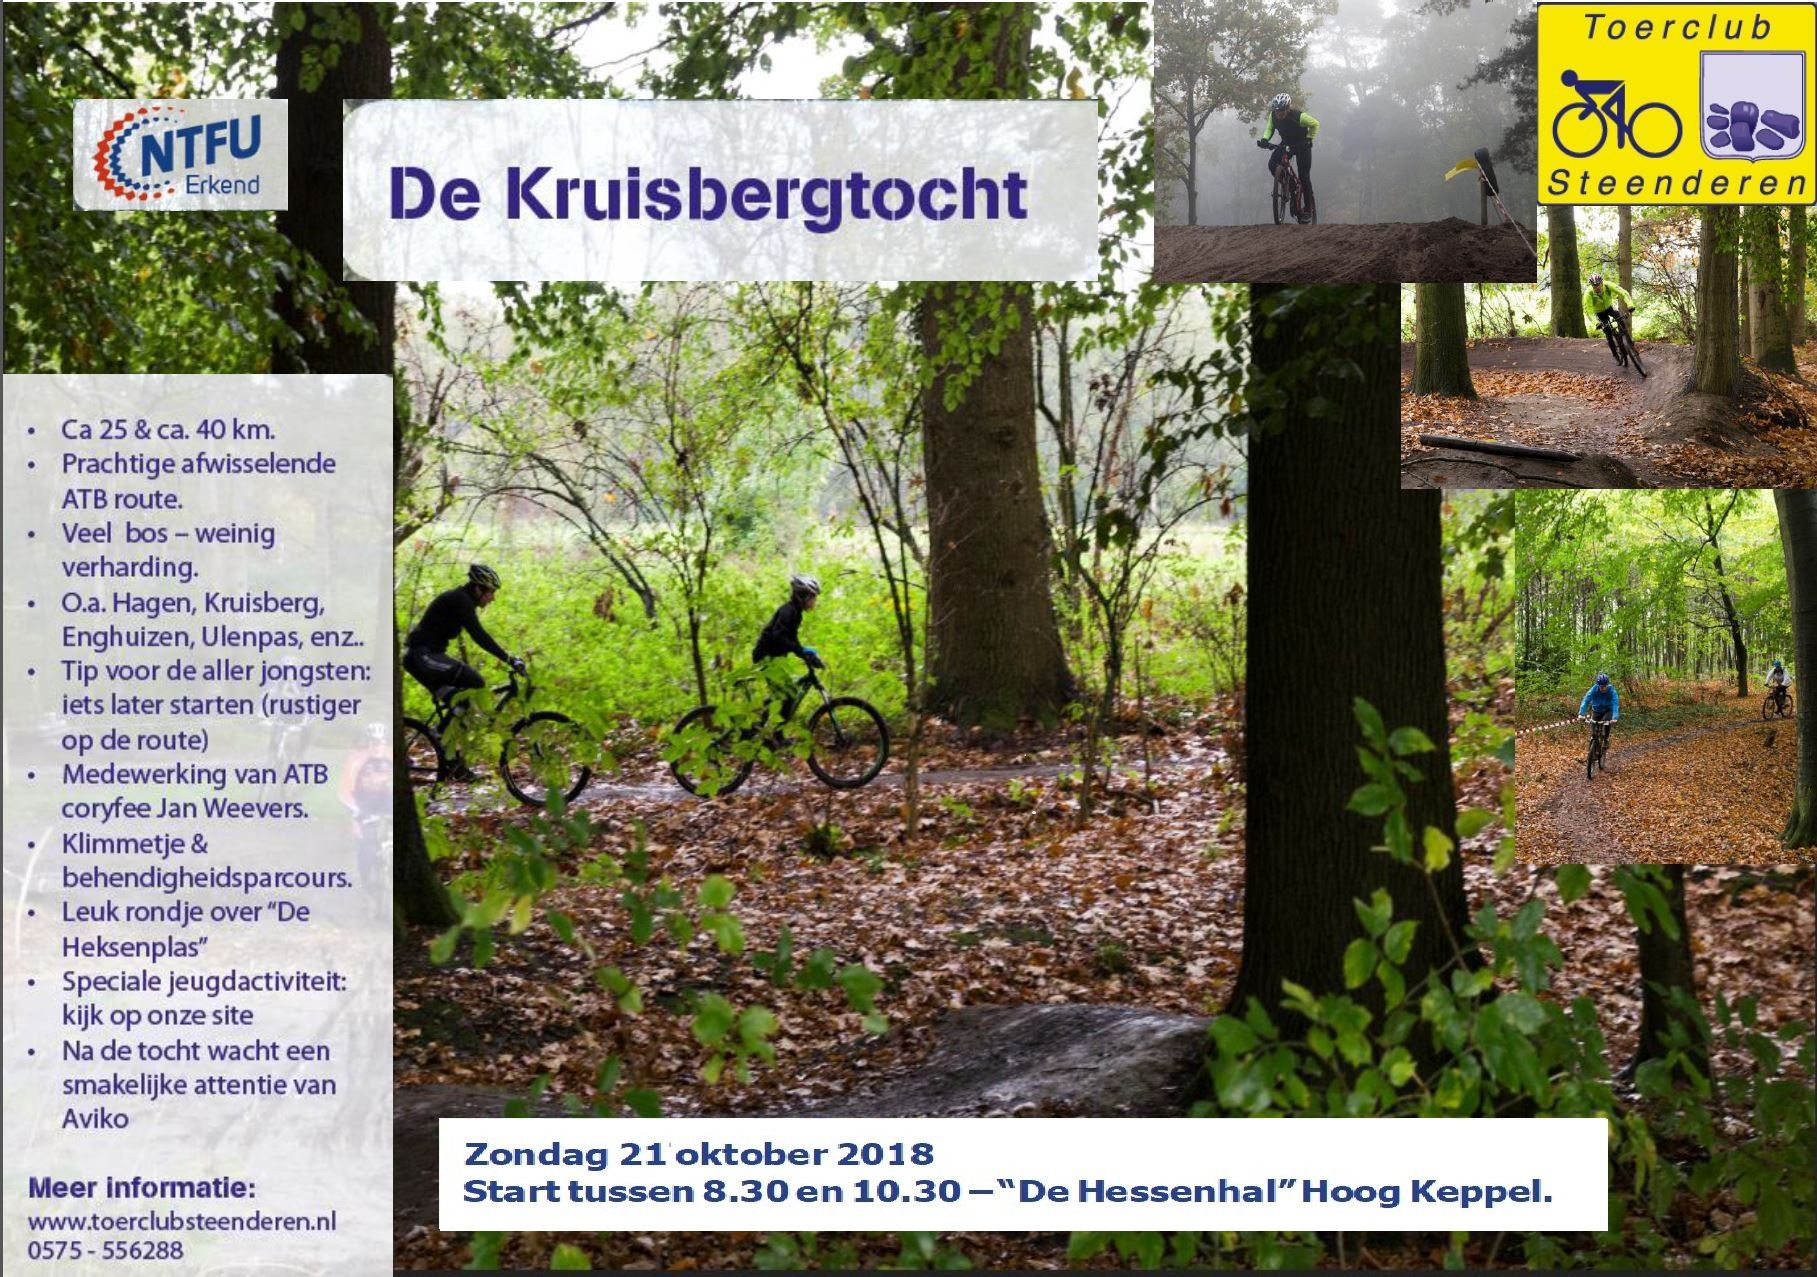 poster Kruisbergtocht 2018 v2